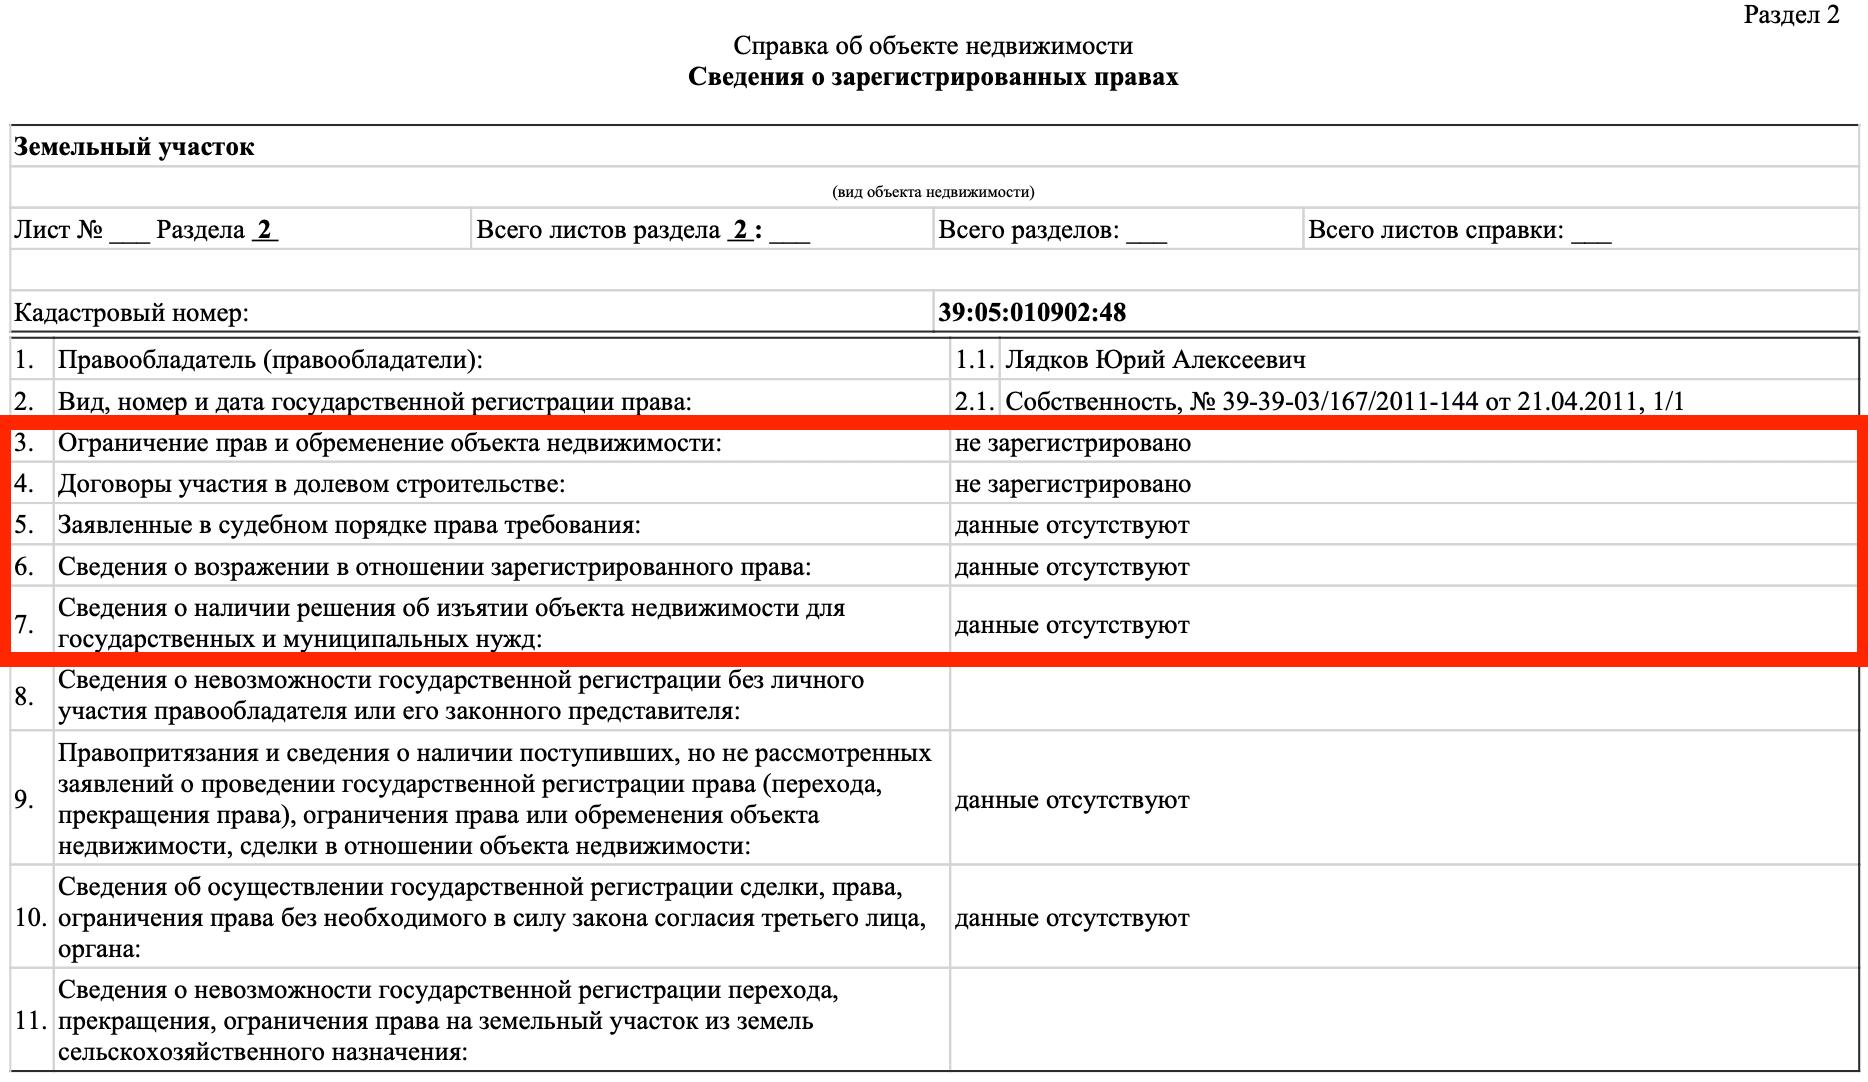 В конце года приходит налог за кокой год?